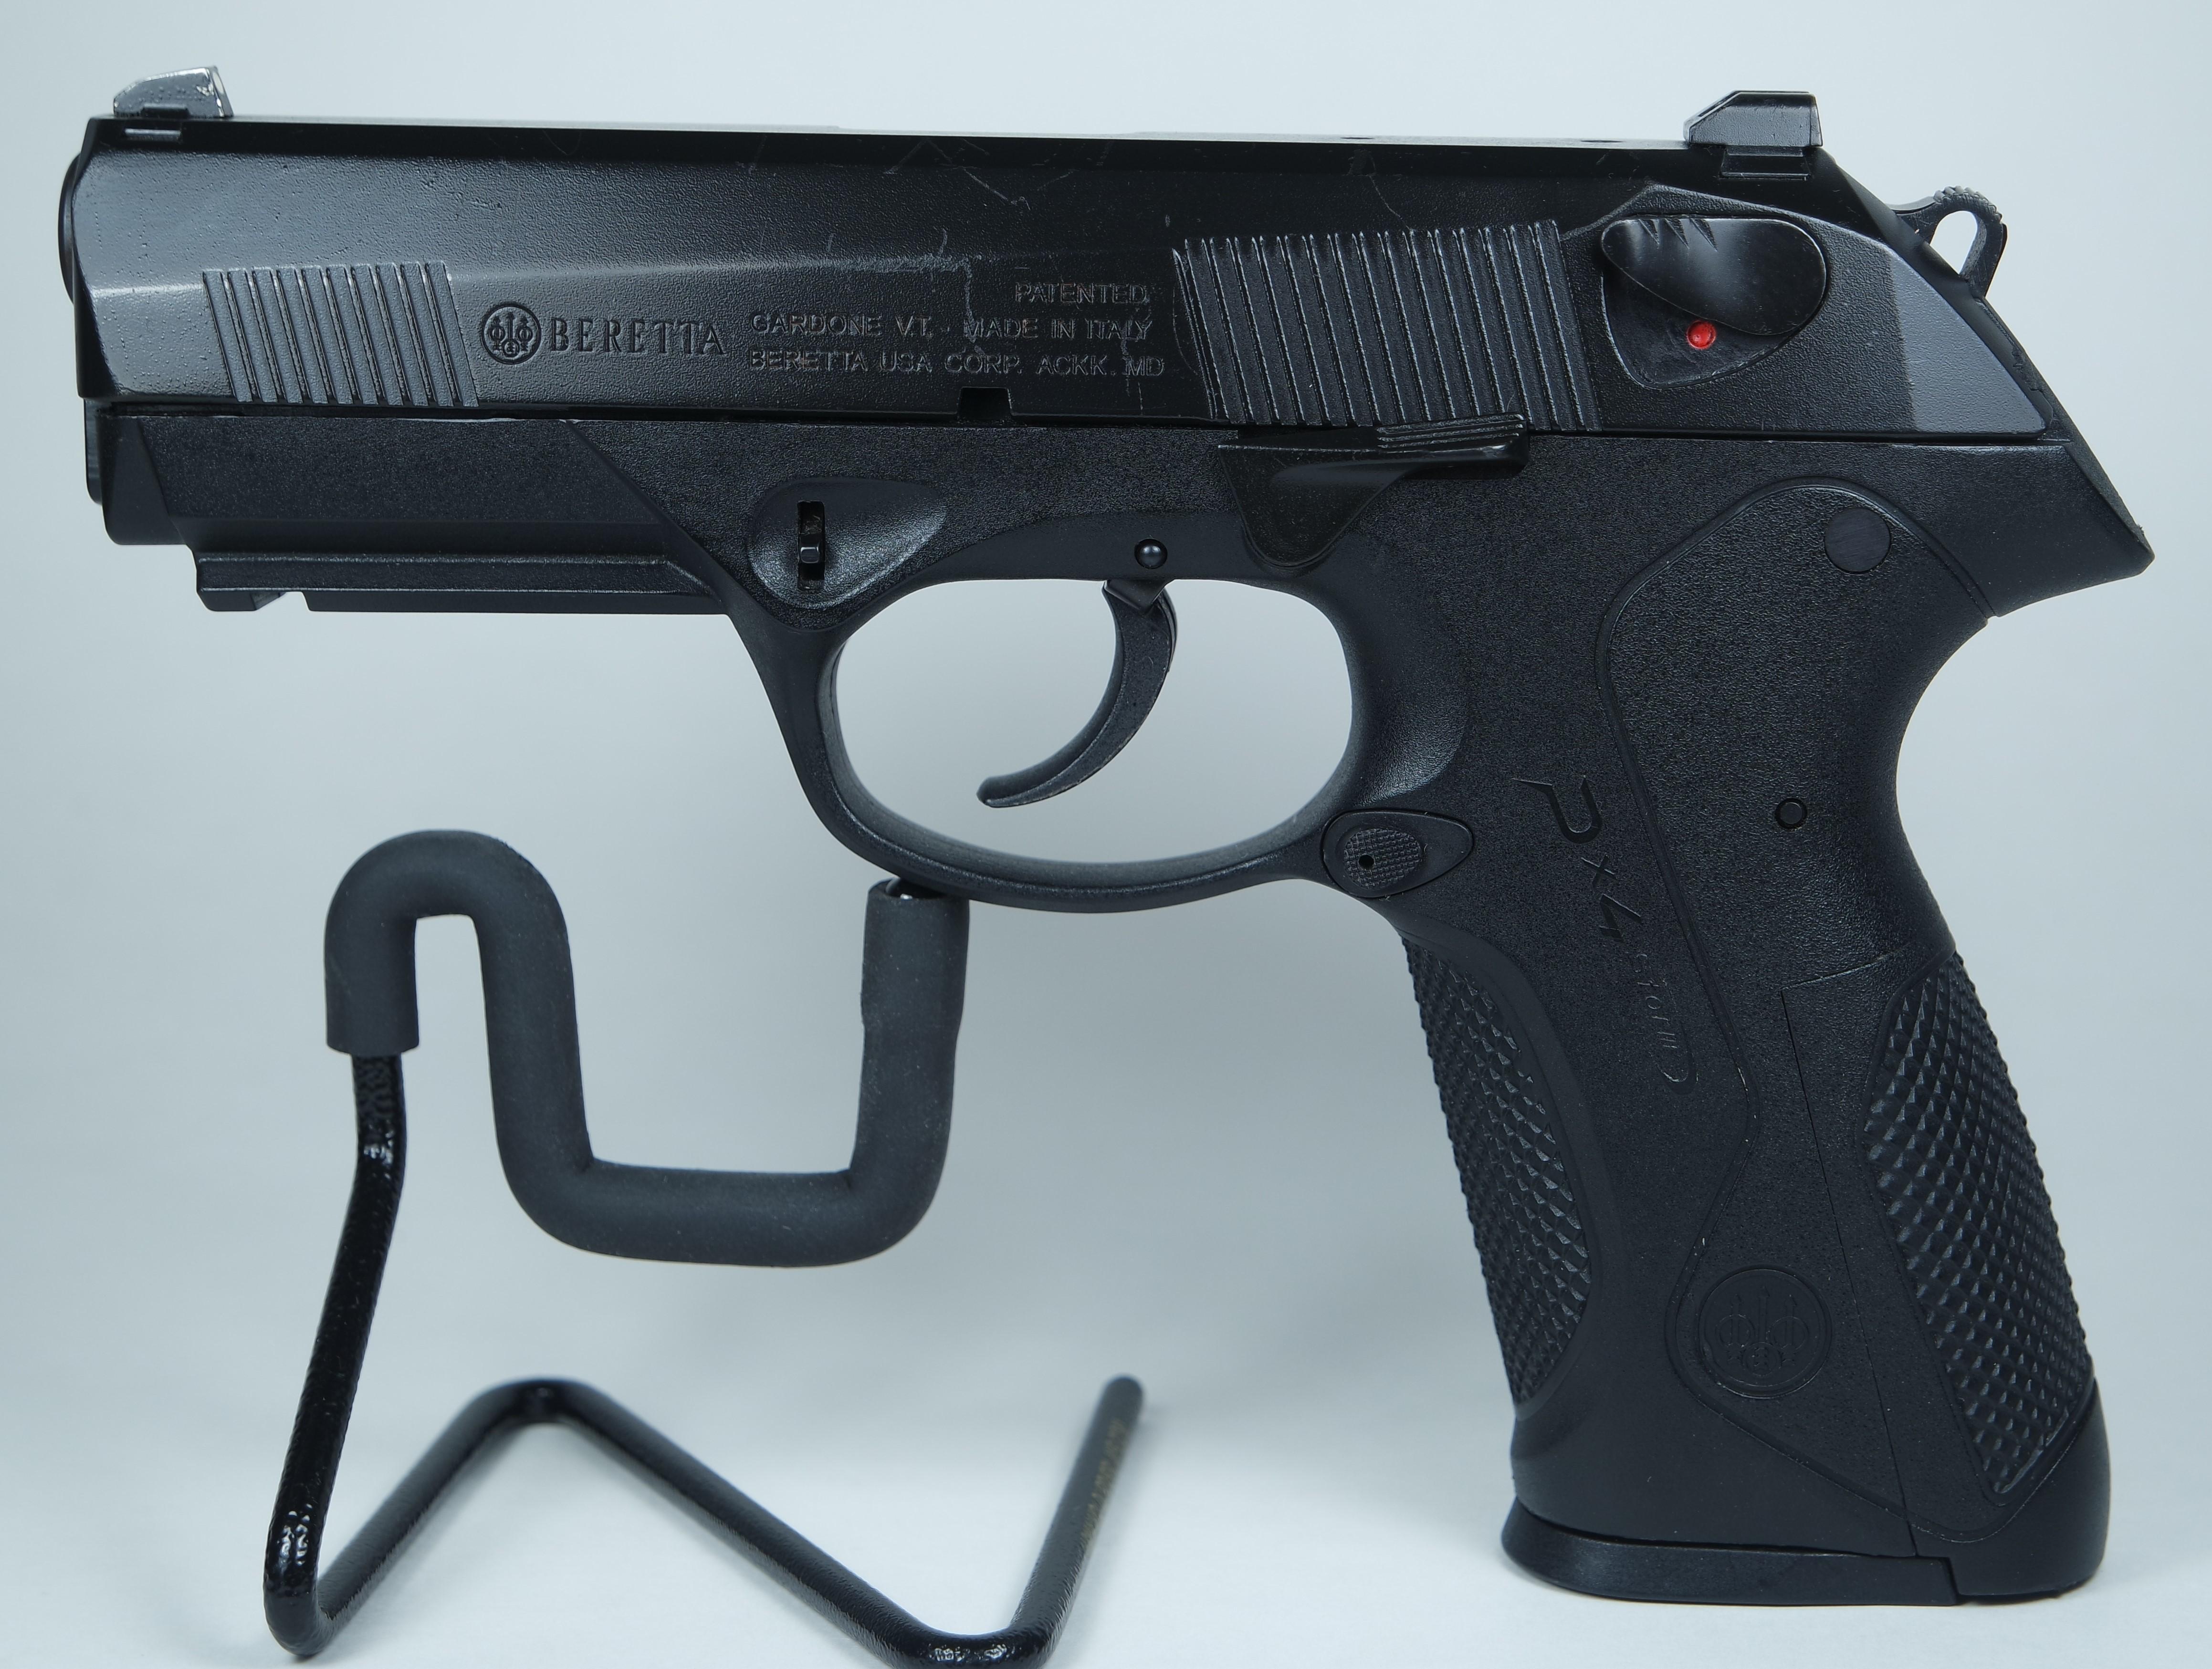 Beretta PX4 Storm Full Size .40 S&W Pistol Pre-onwed